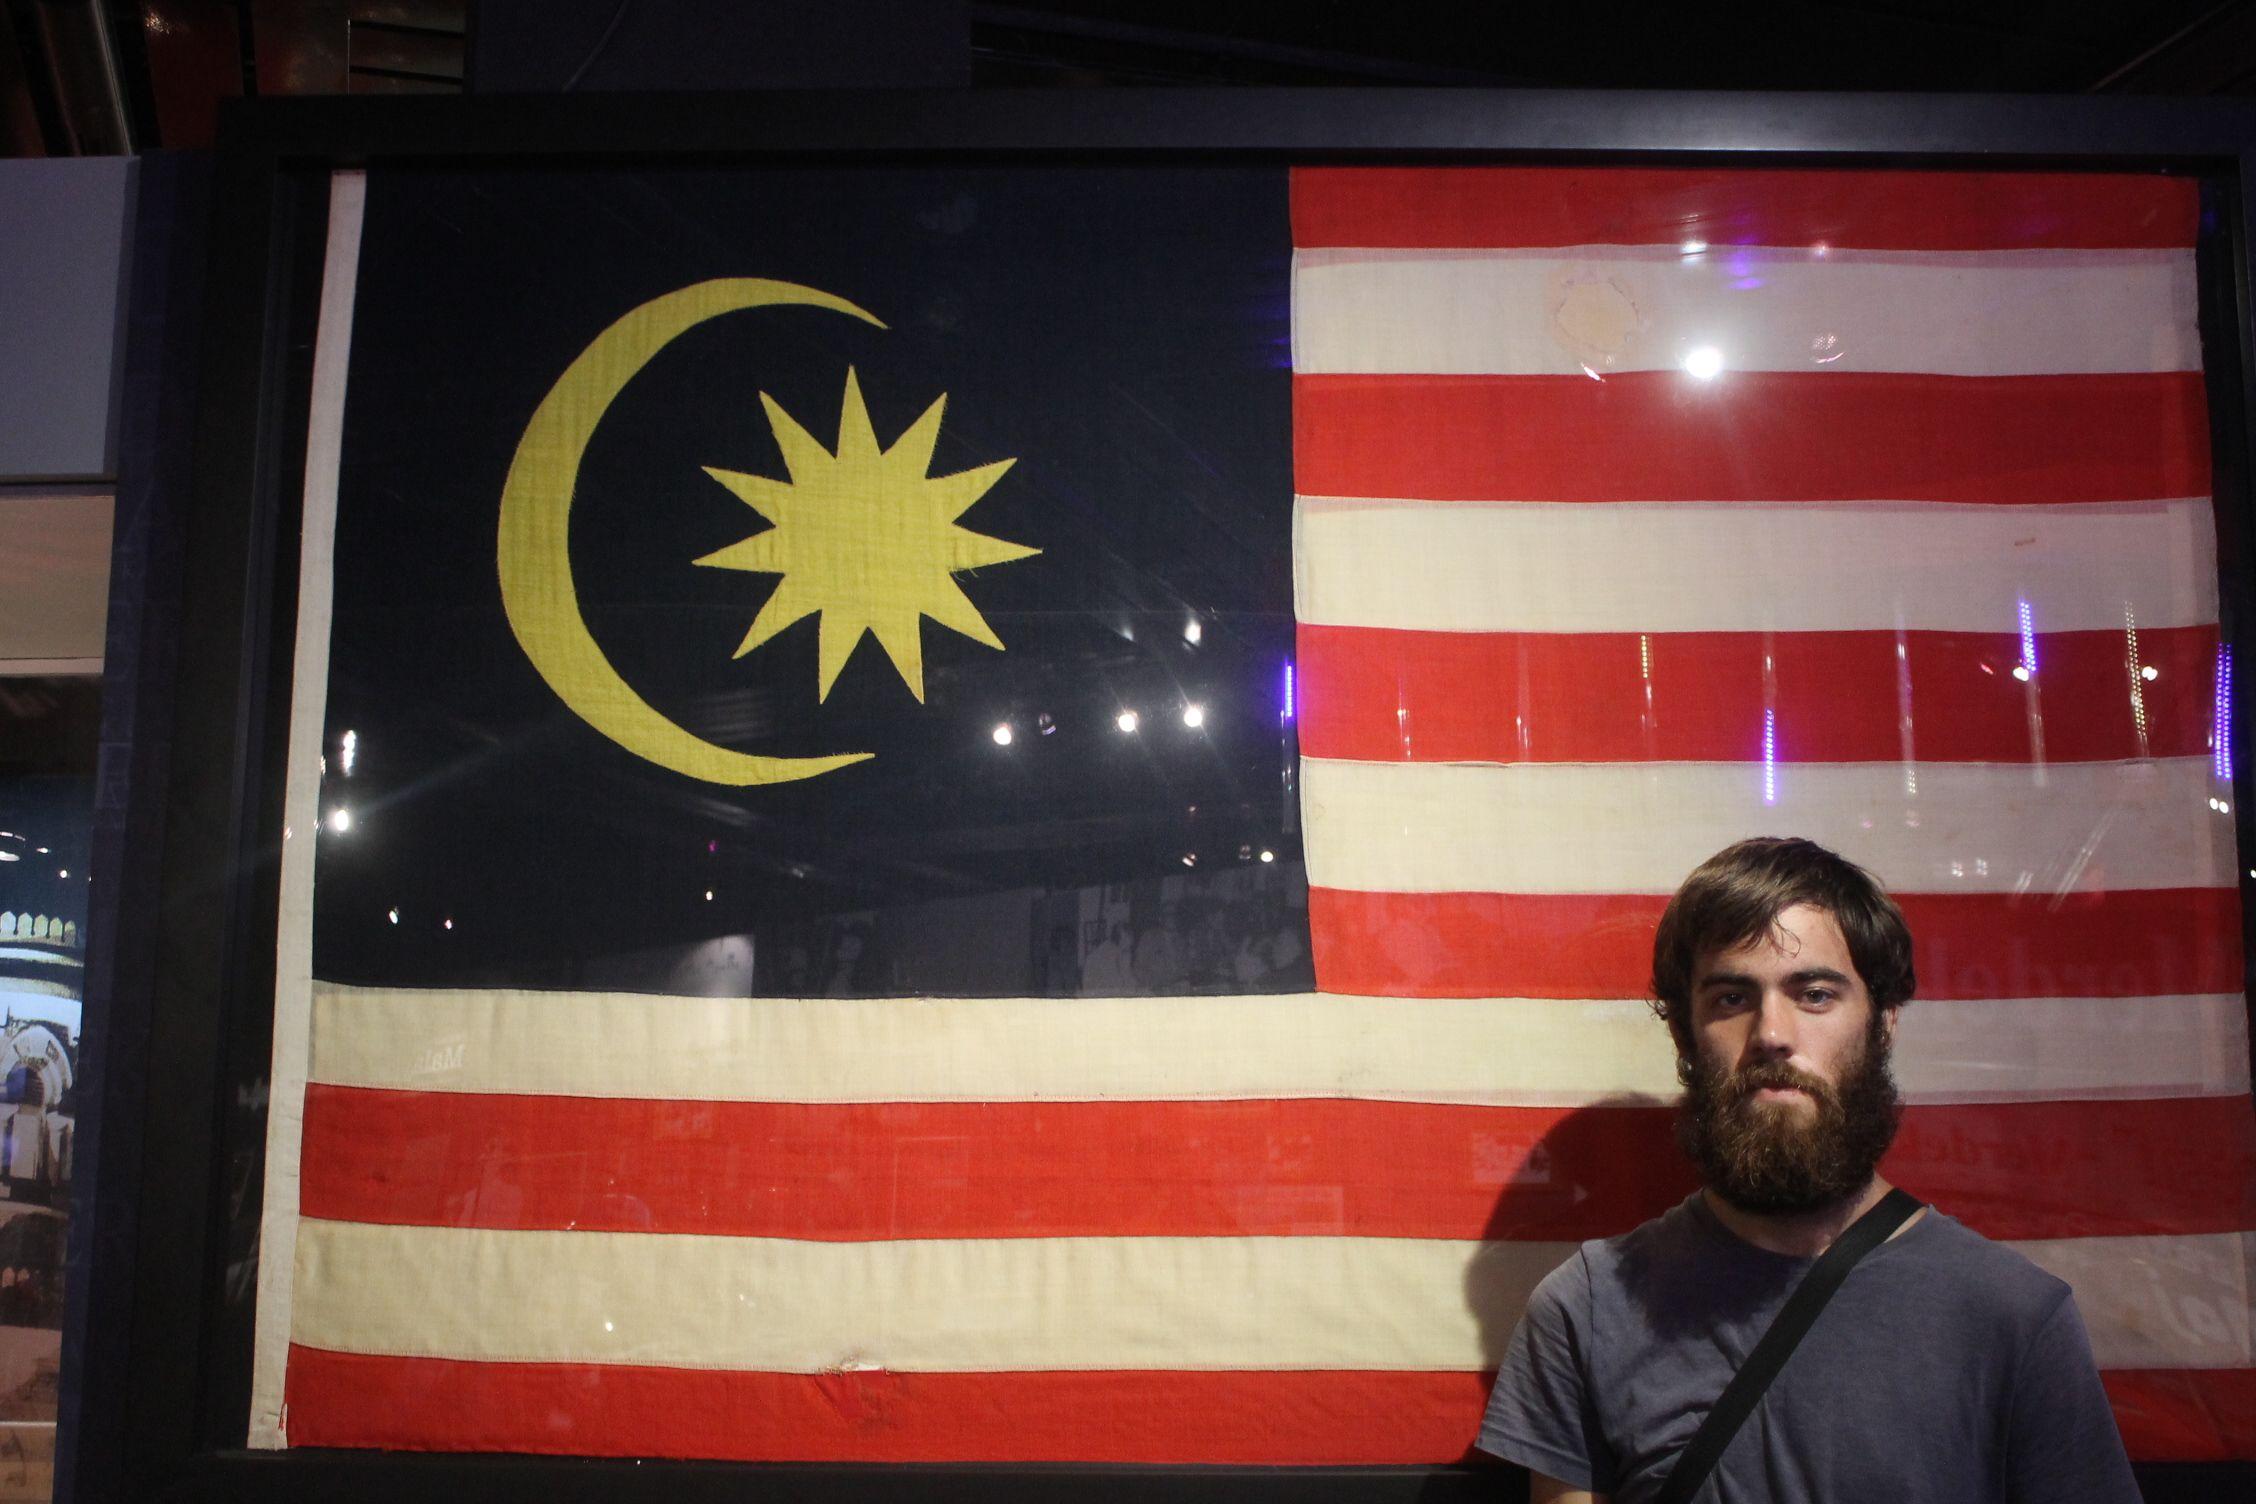 El Museo de Historia de Malasia tenía una exposición especial sobre la independencia